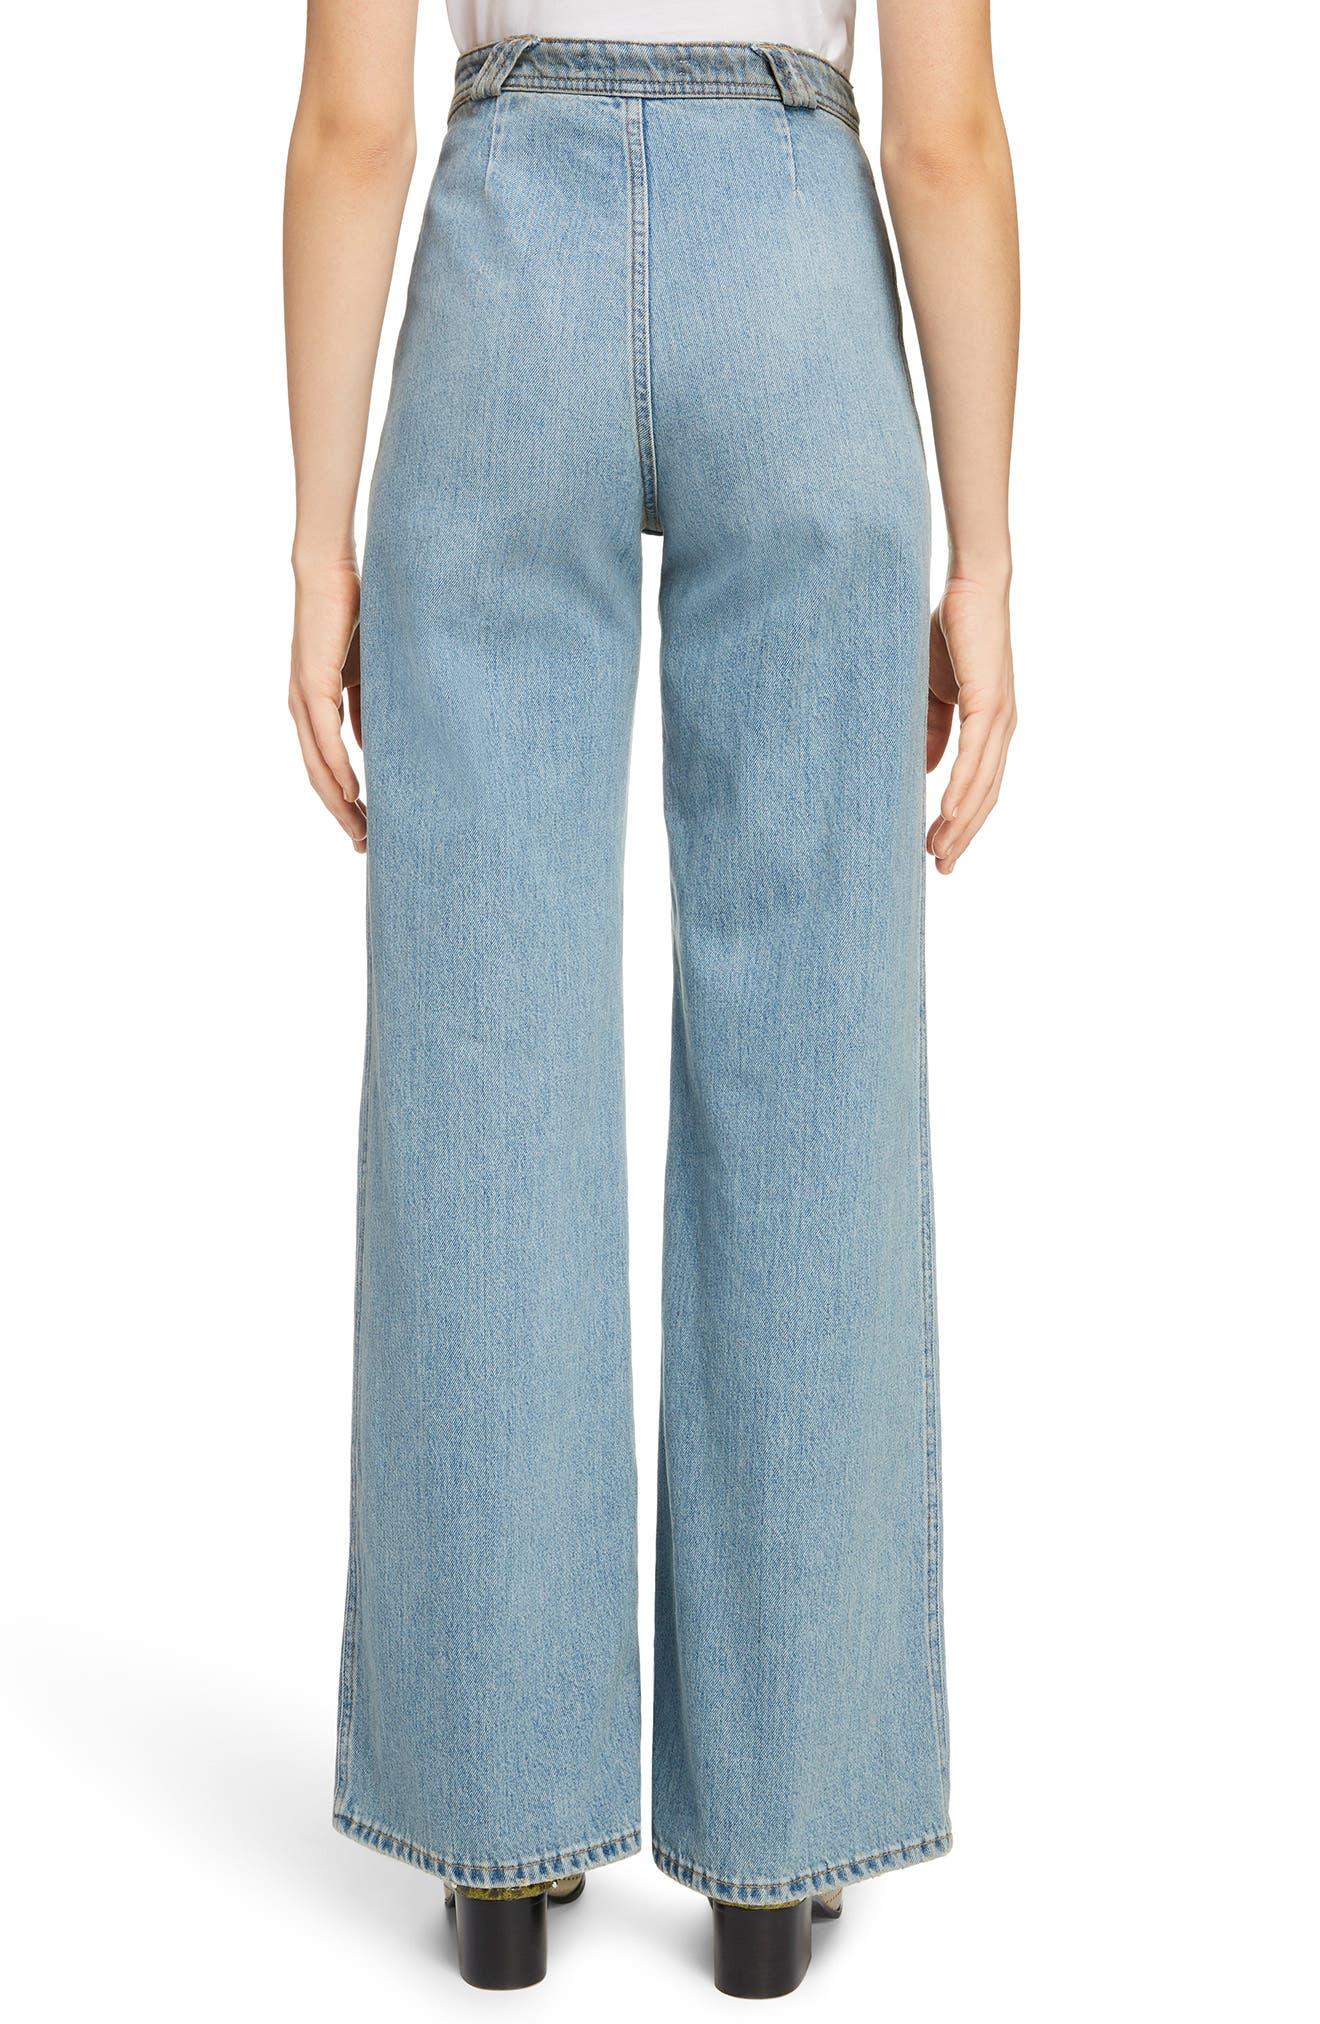 Tiffan Wide Leg Jeans,                             Alternate thumbnail 3, color,                             Blue Vintage